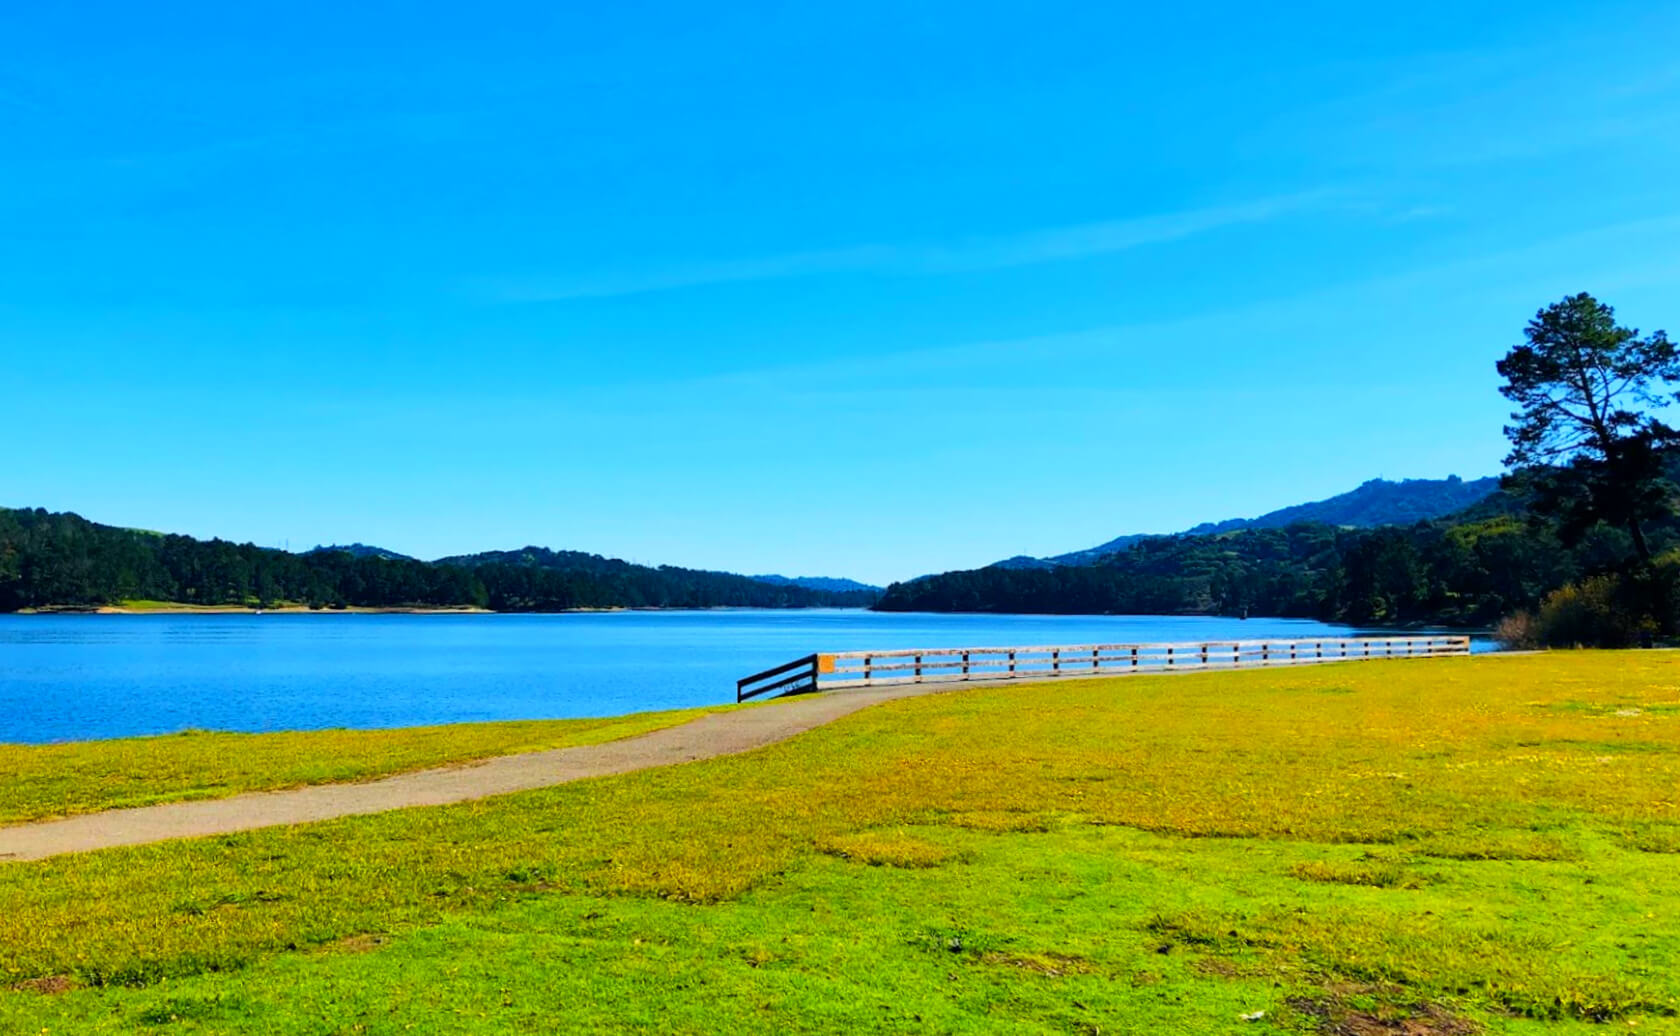 San-Pablo-Lake-Reservoir-Fishing-Guide-Report-California-03